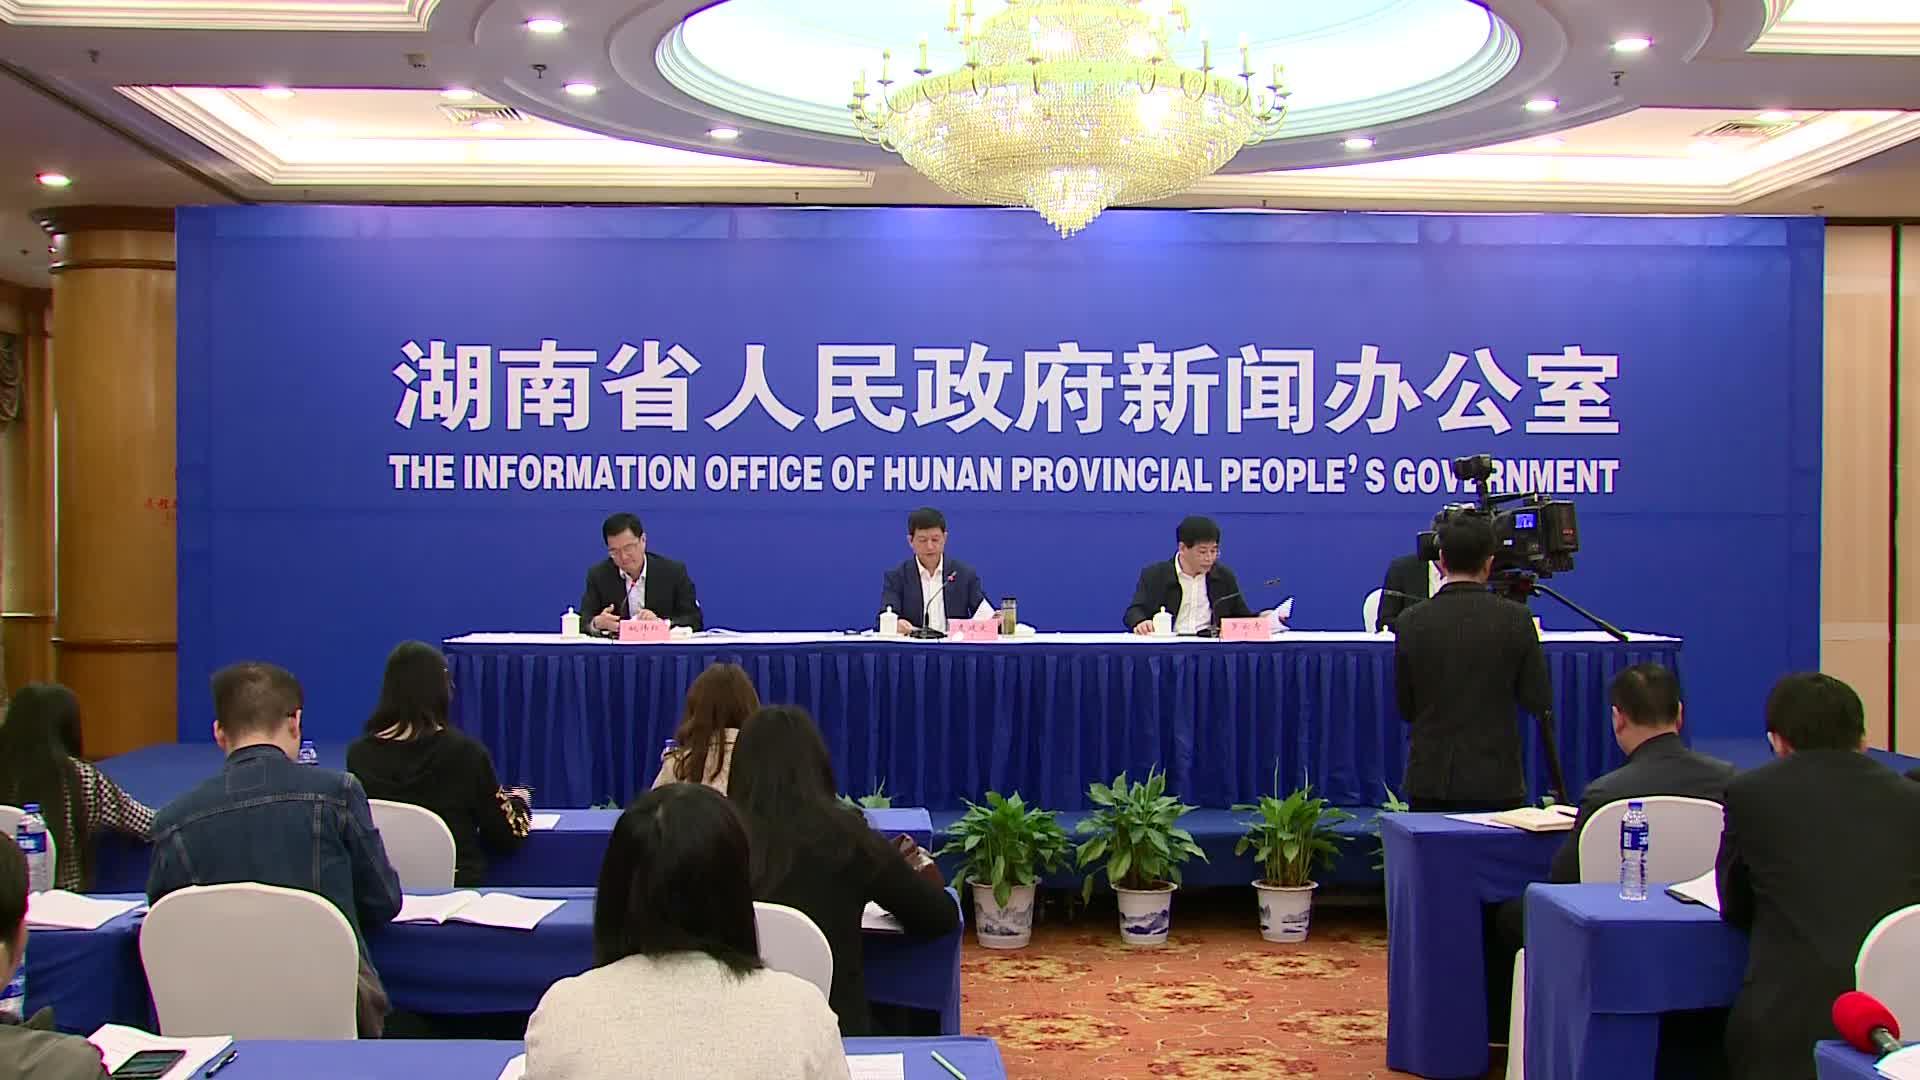 【全程回放】湖南省解读2018年省委一号文件新闻发布会